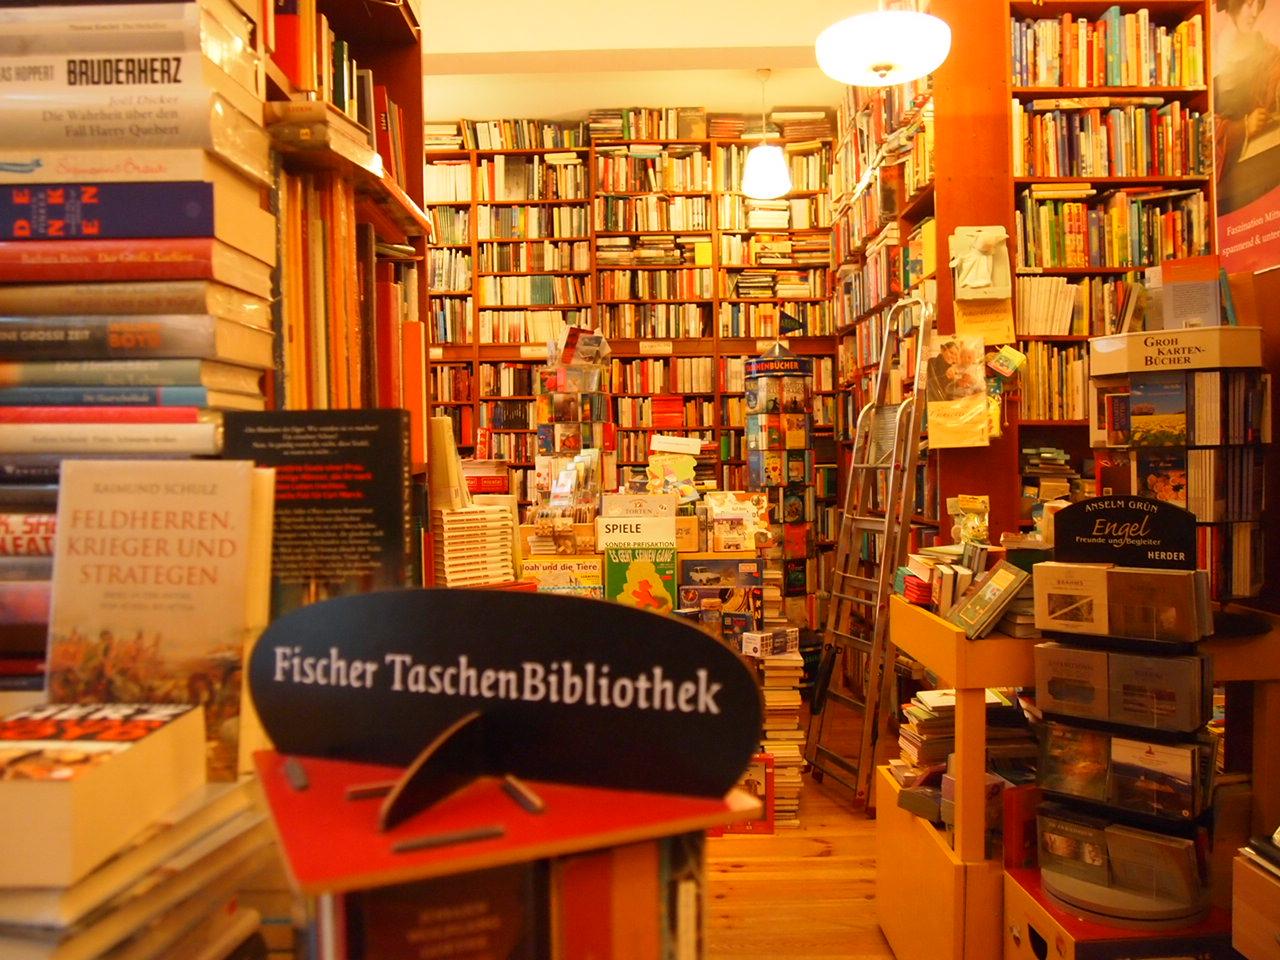 これは狭すぎ!? 全てを本に囲まれたベルリンの本屋とは?